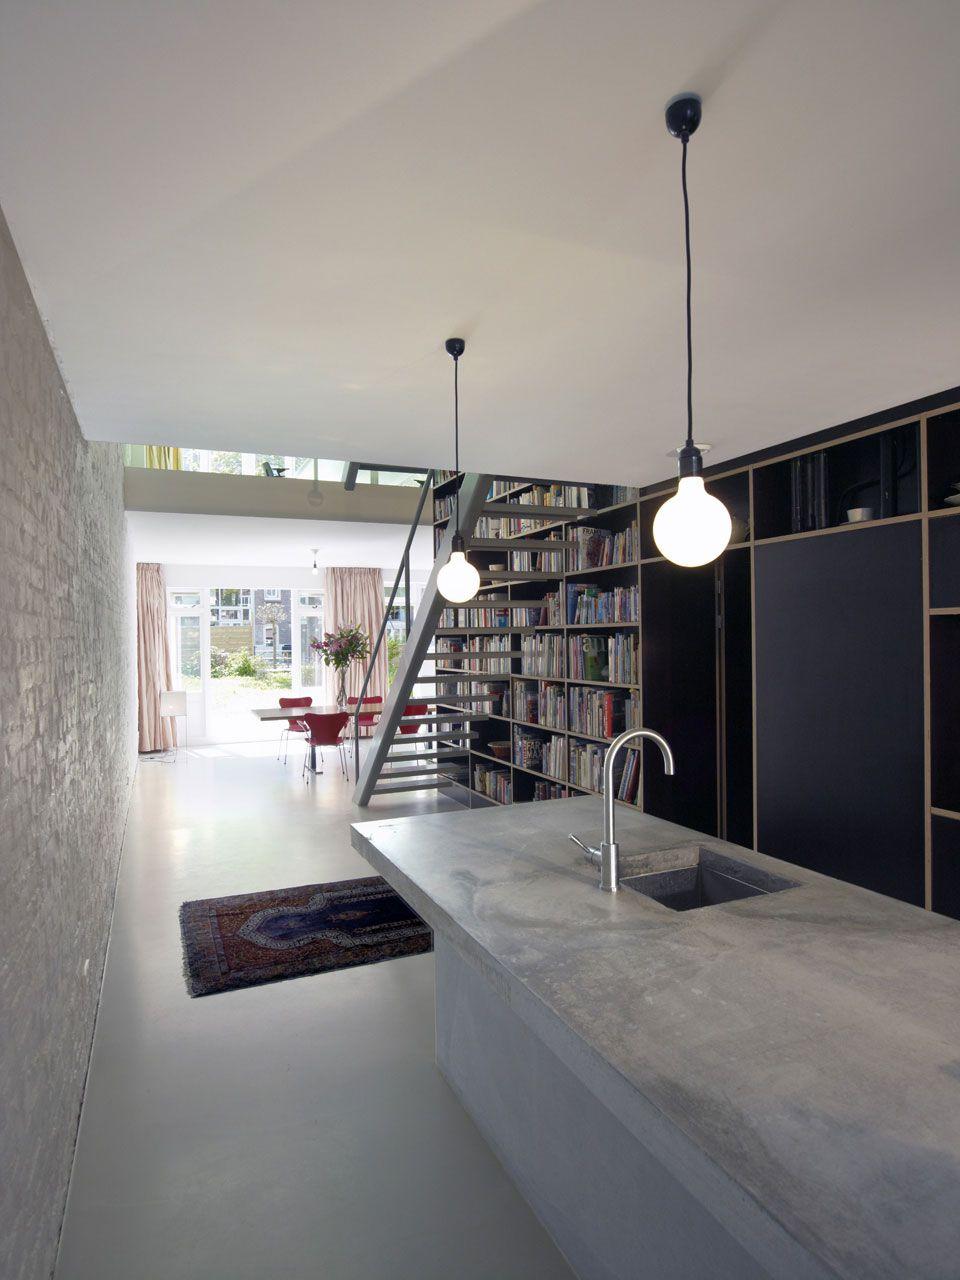 Vertical loft concrete kitchen